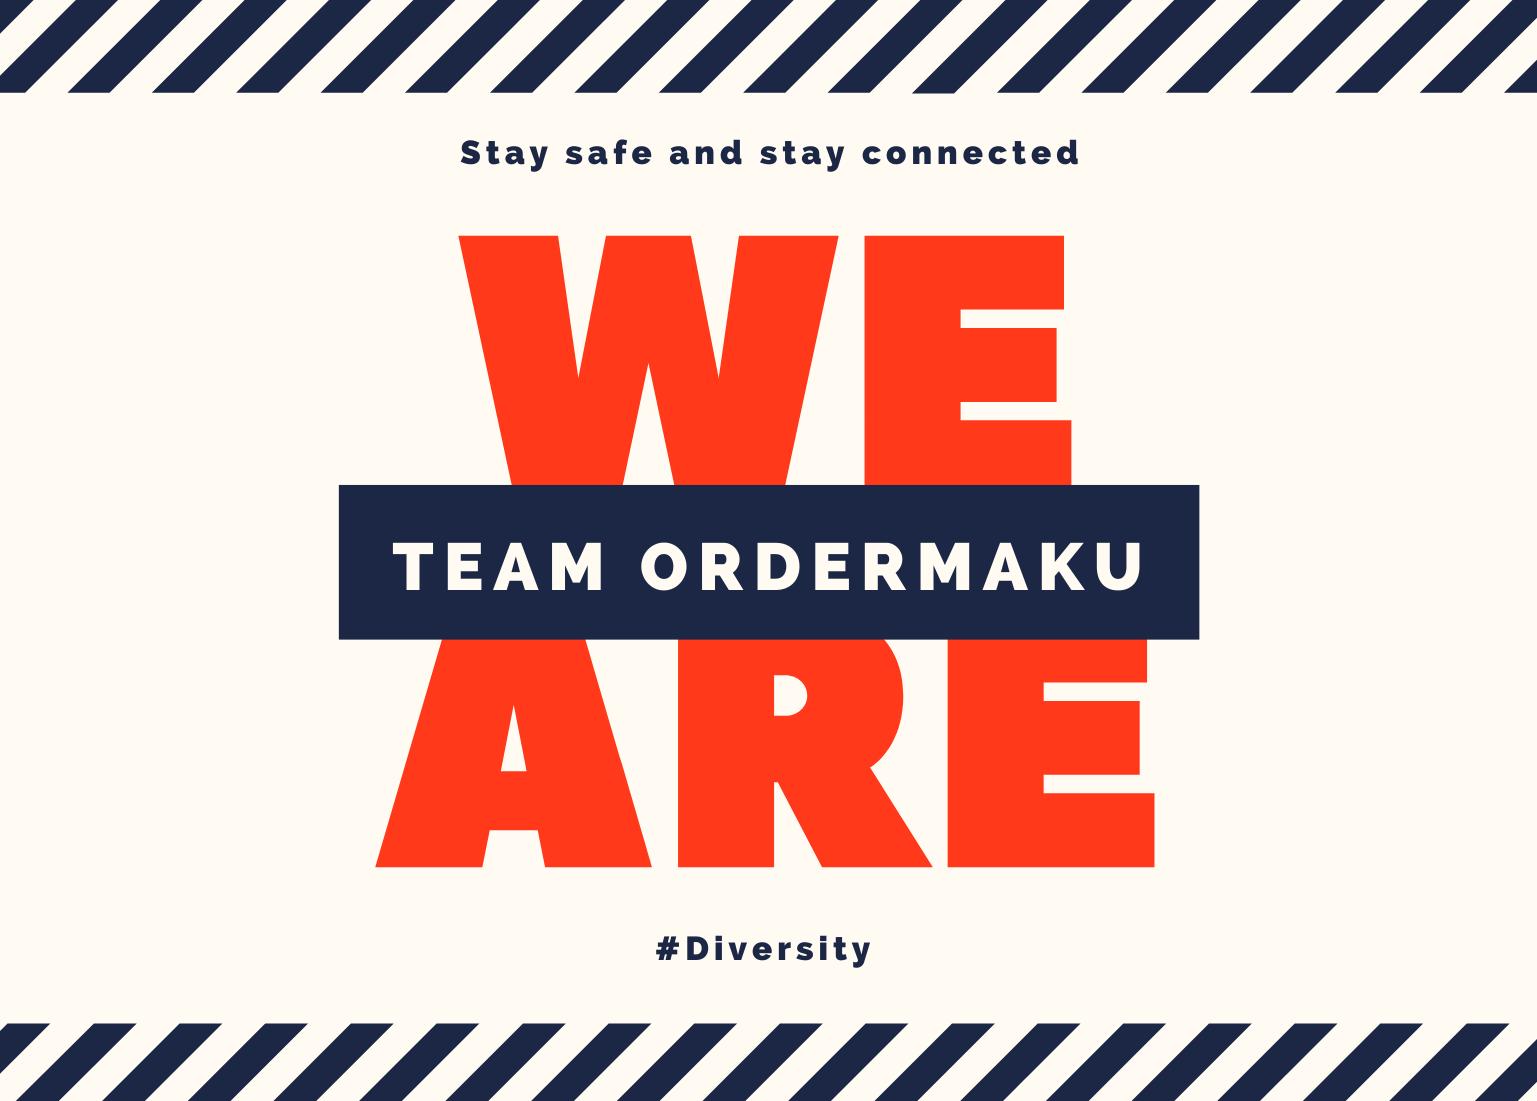 WE ARE TEAM ORDERMAKU